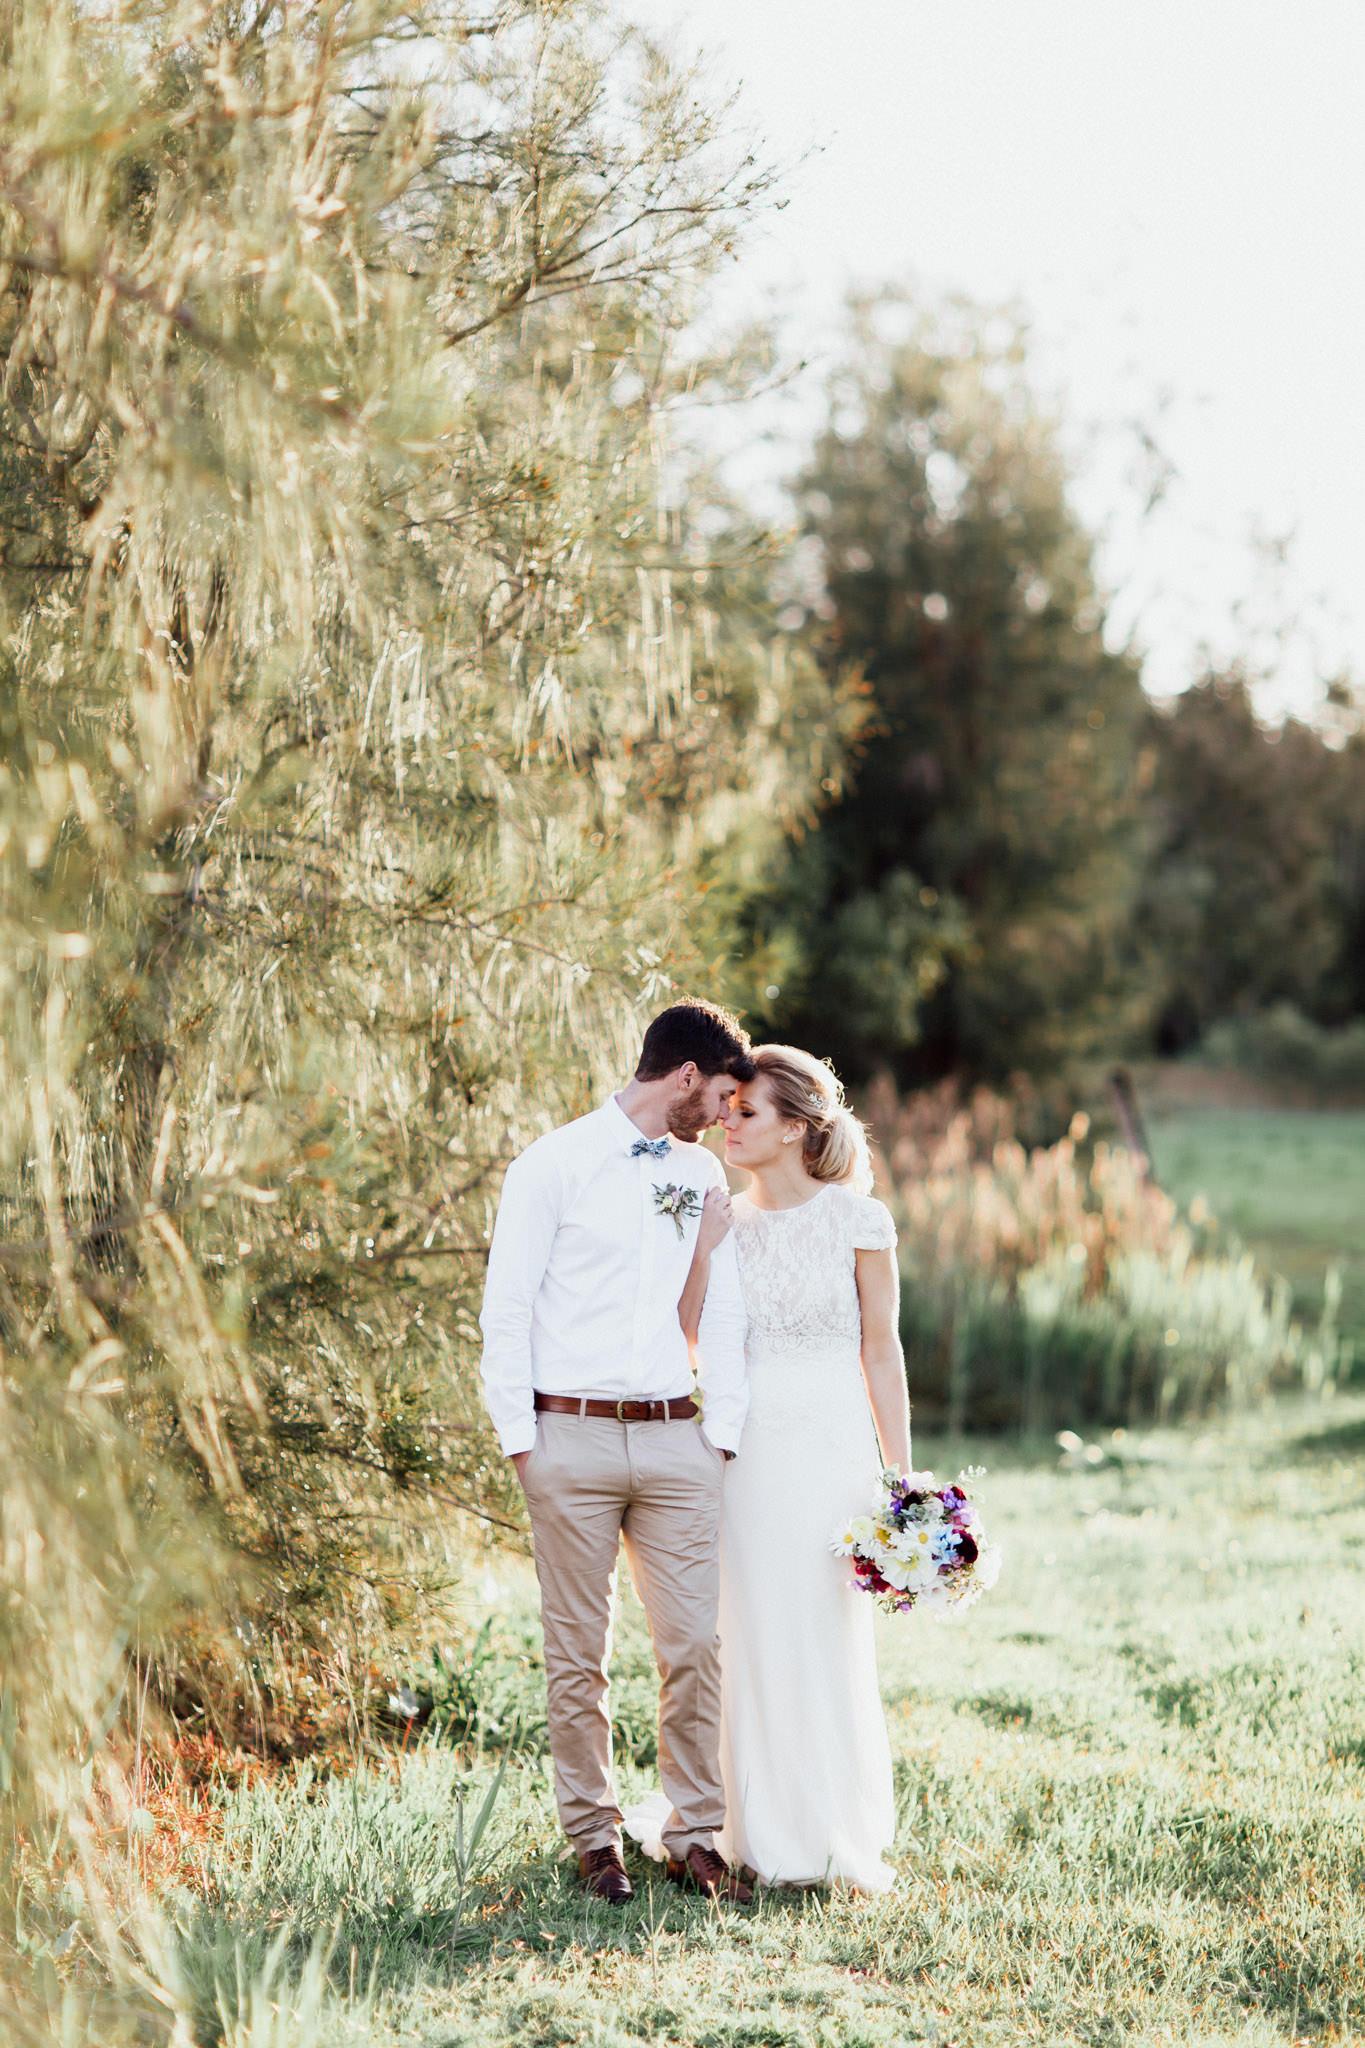 WeddingPhotos_Facebook_2048pixels-1675.jpg